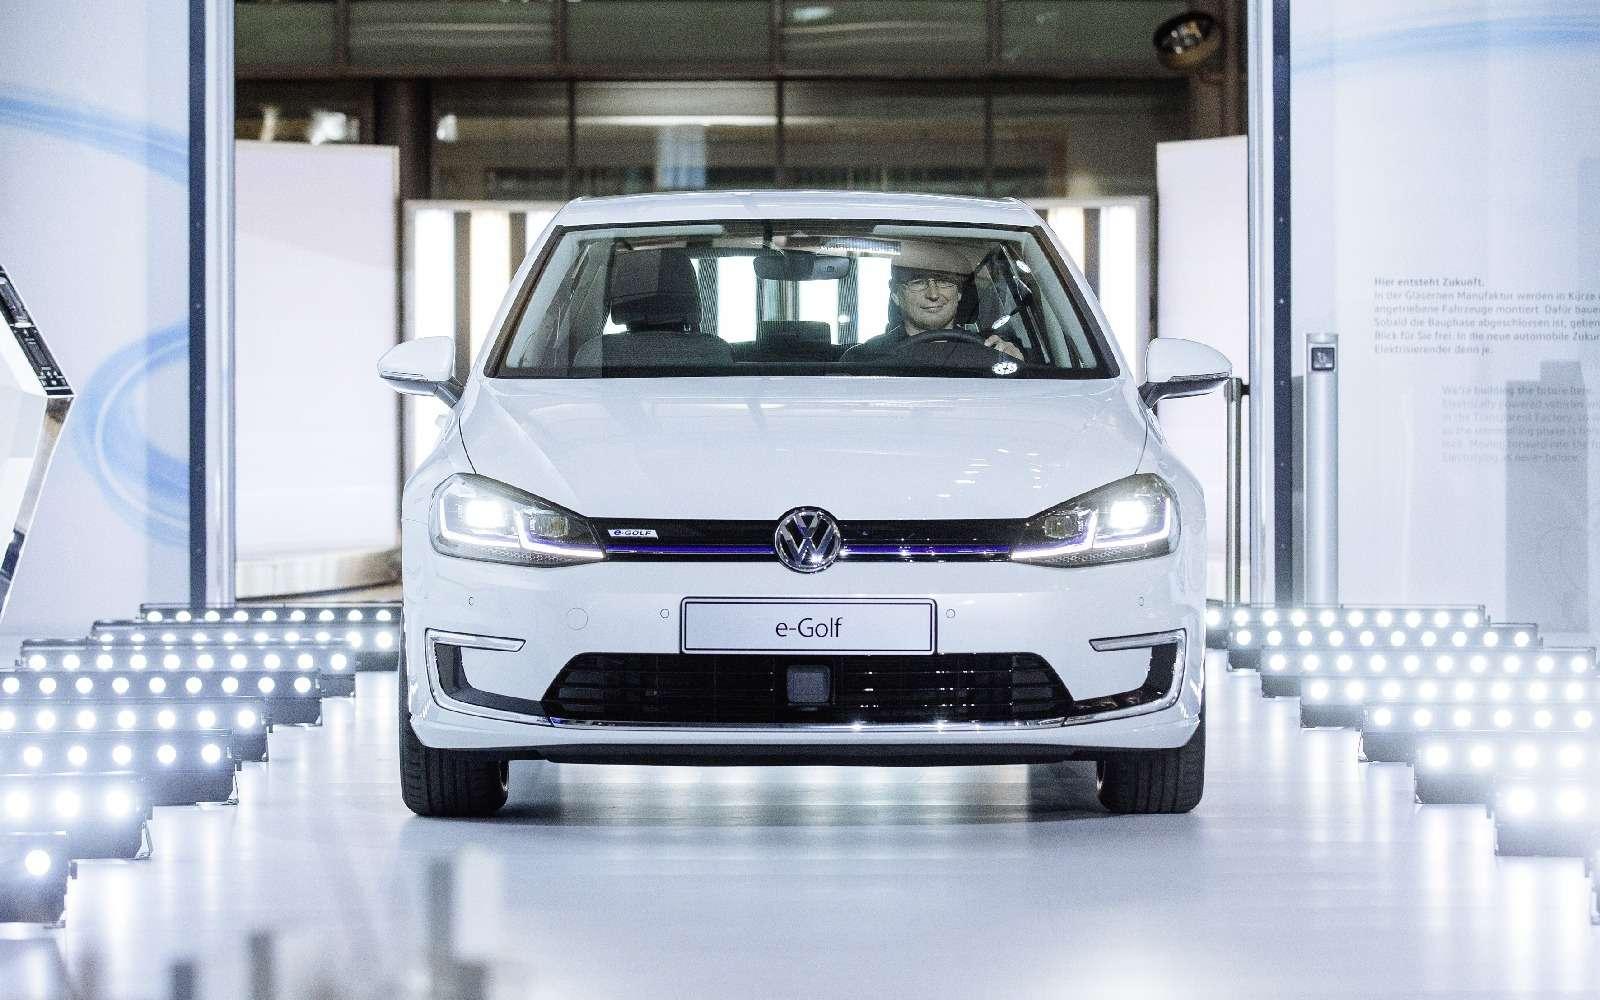 Озеленитель имиджа: Volkswagen обновил электромобиль e-Golf— фото 665345